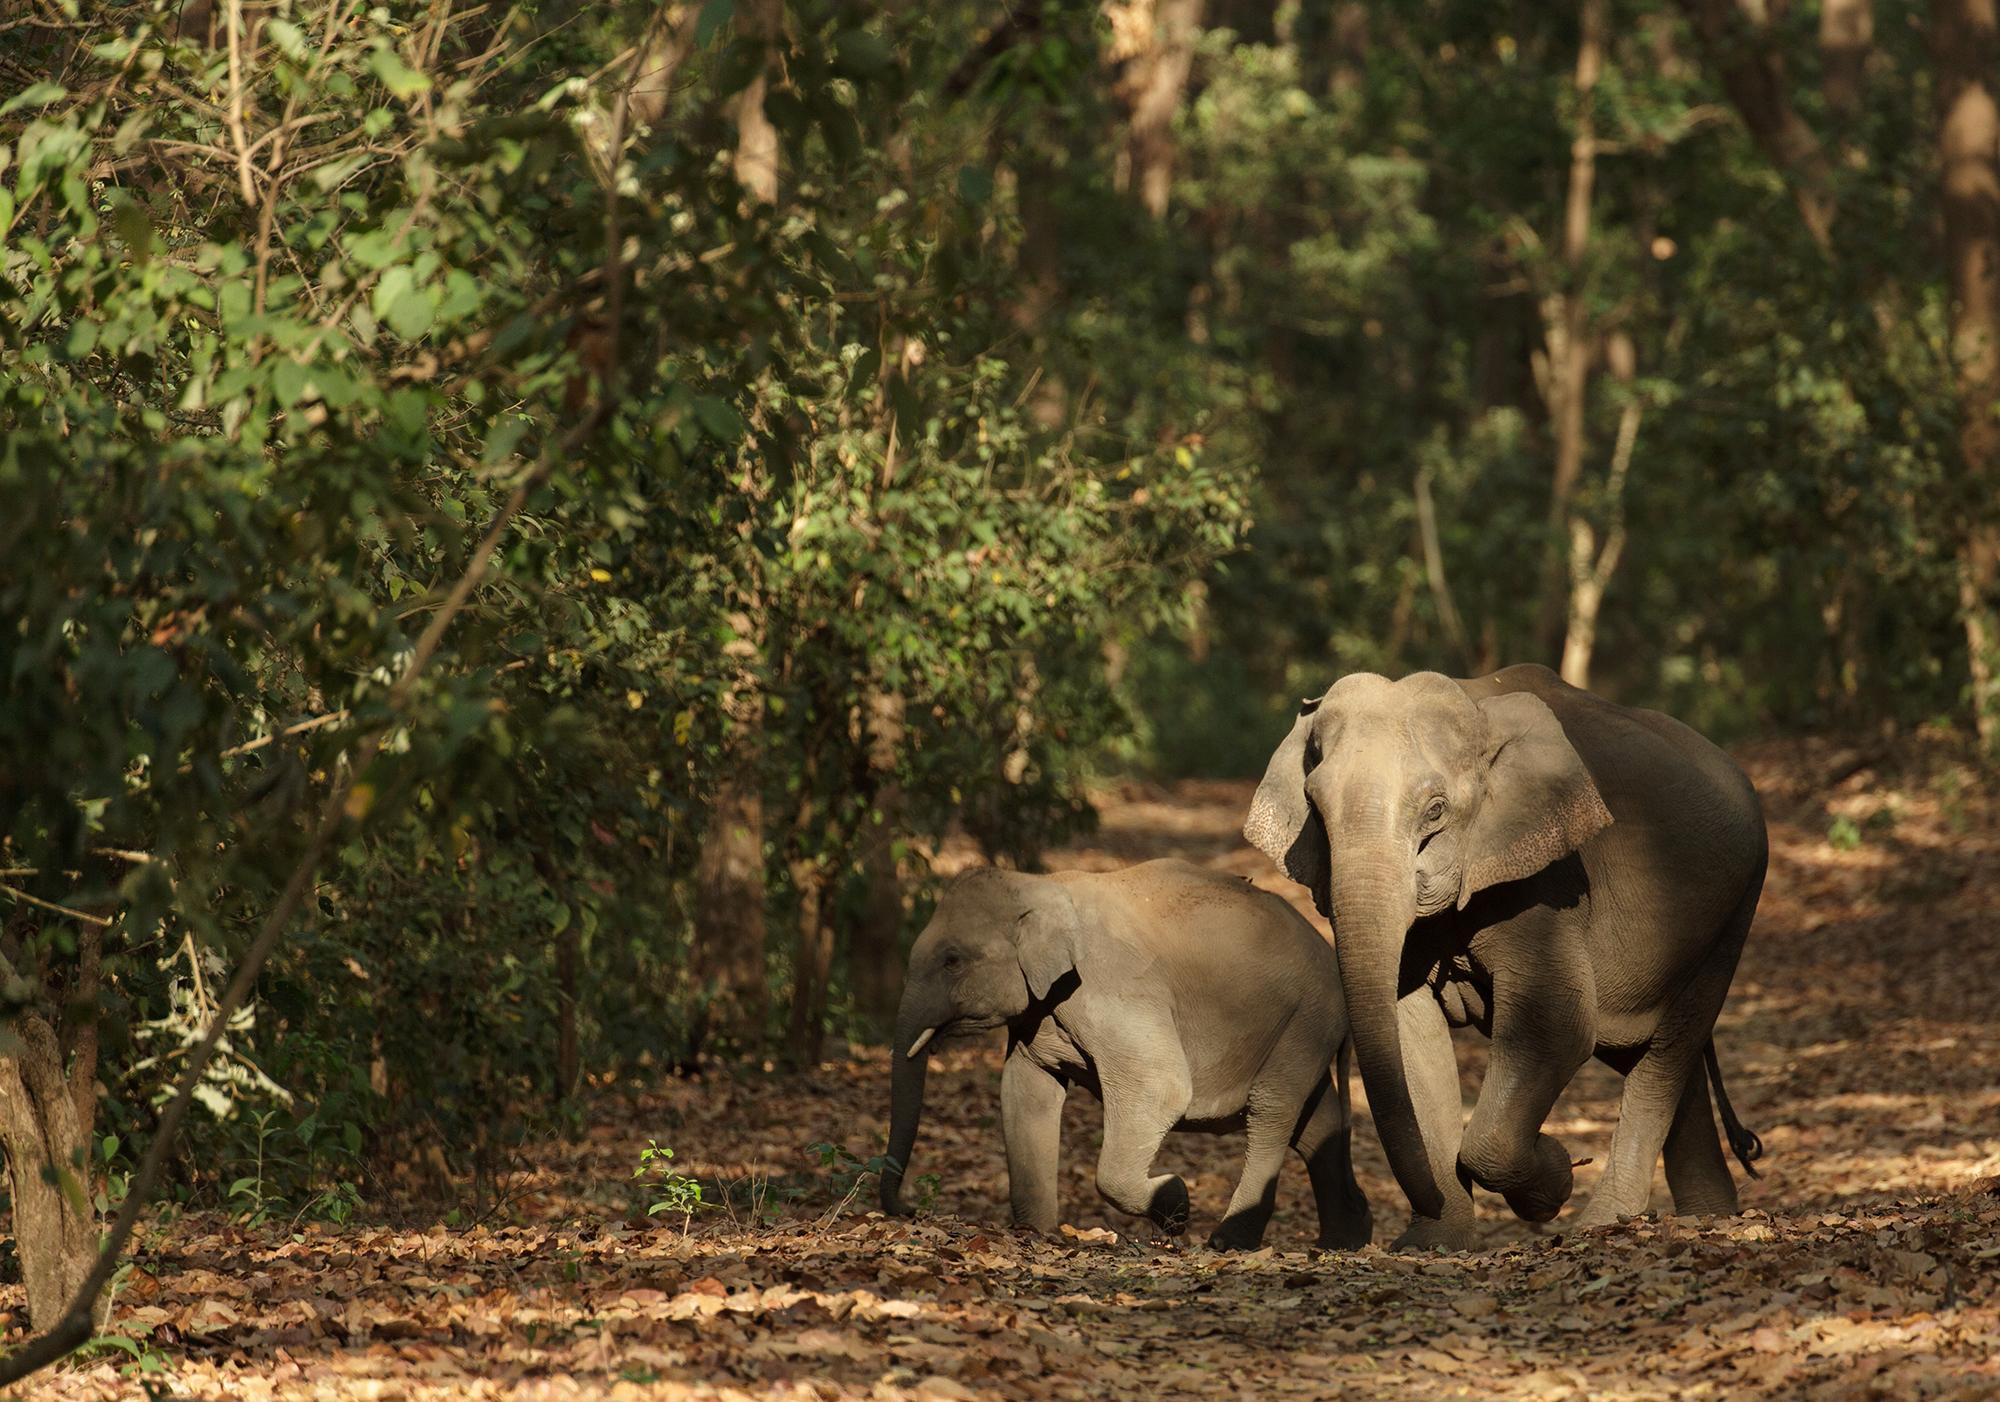 Indien Reiserouten Individualurlaub: Nationalparks in Indien